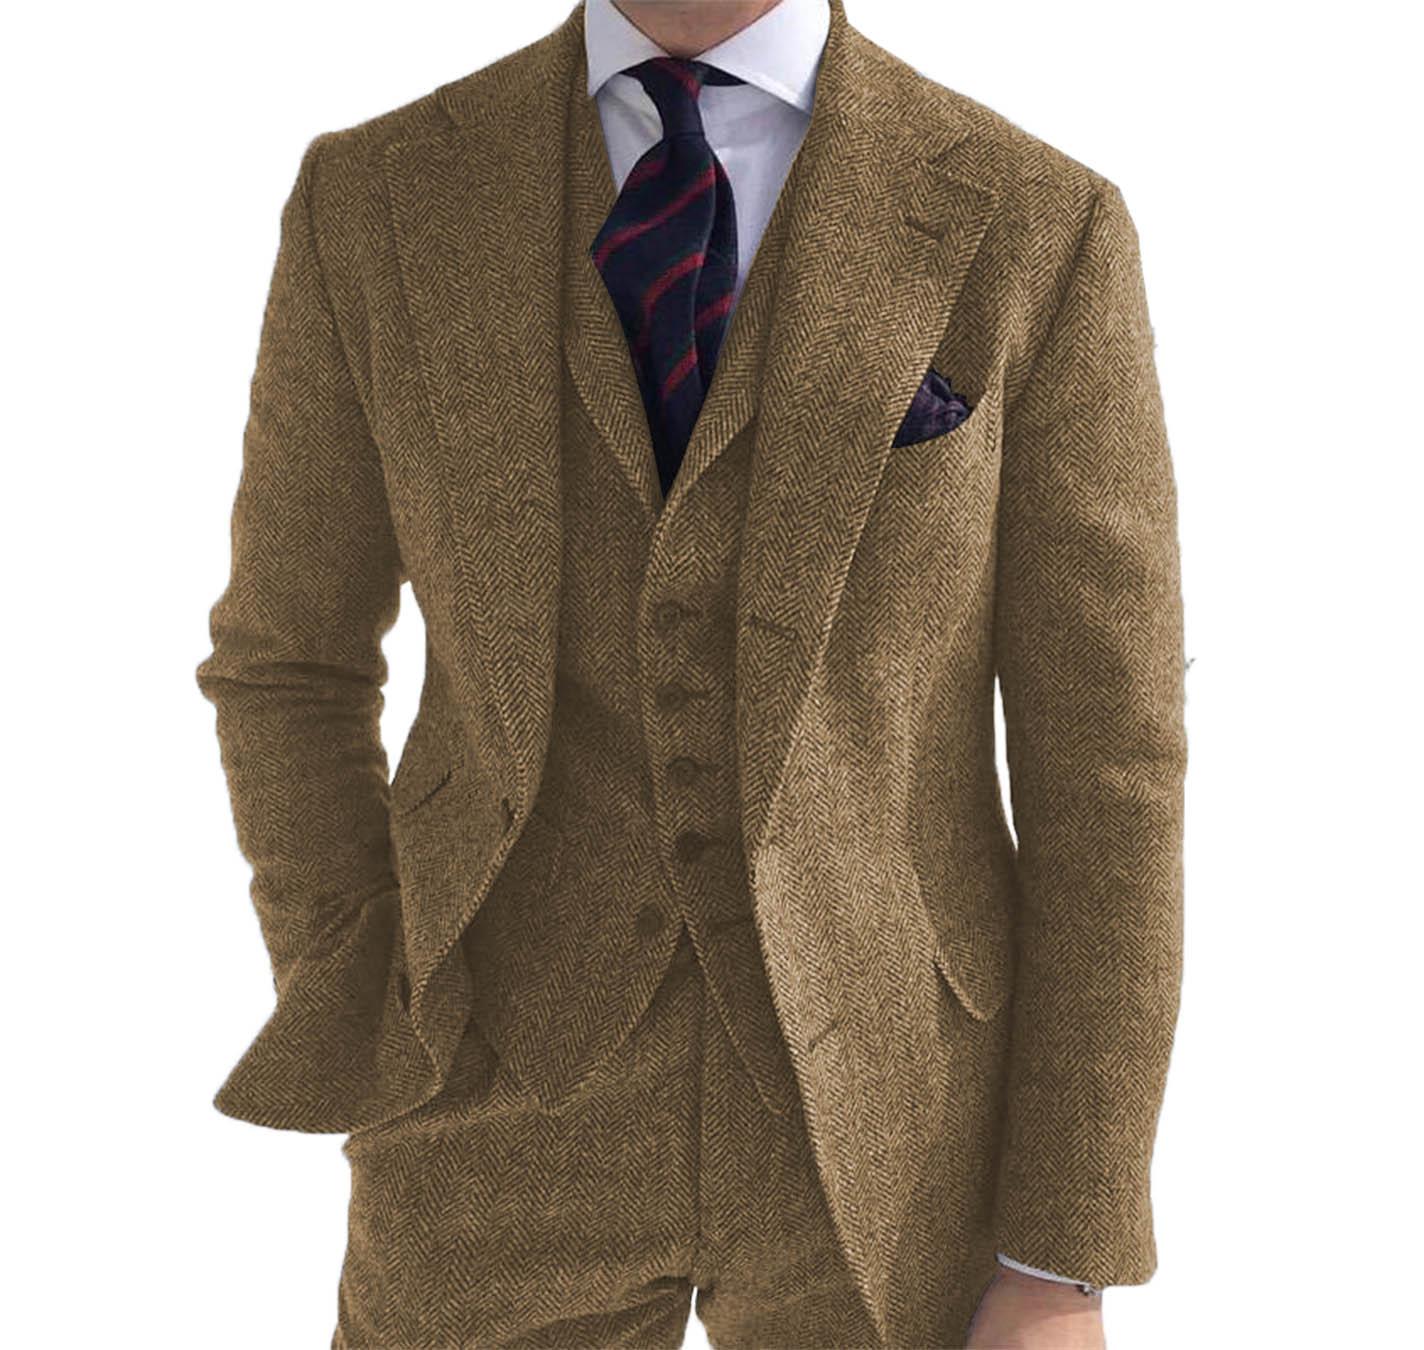 Коричневый шерстяной костюм мужской купить ткань шириной 5 м